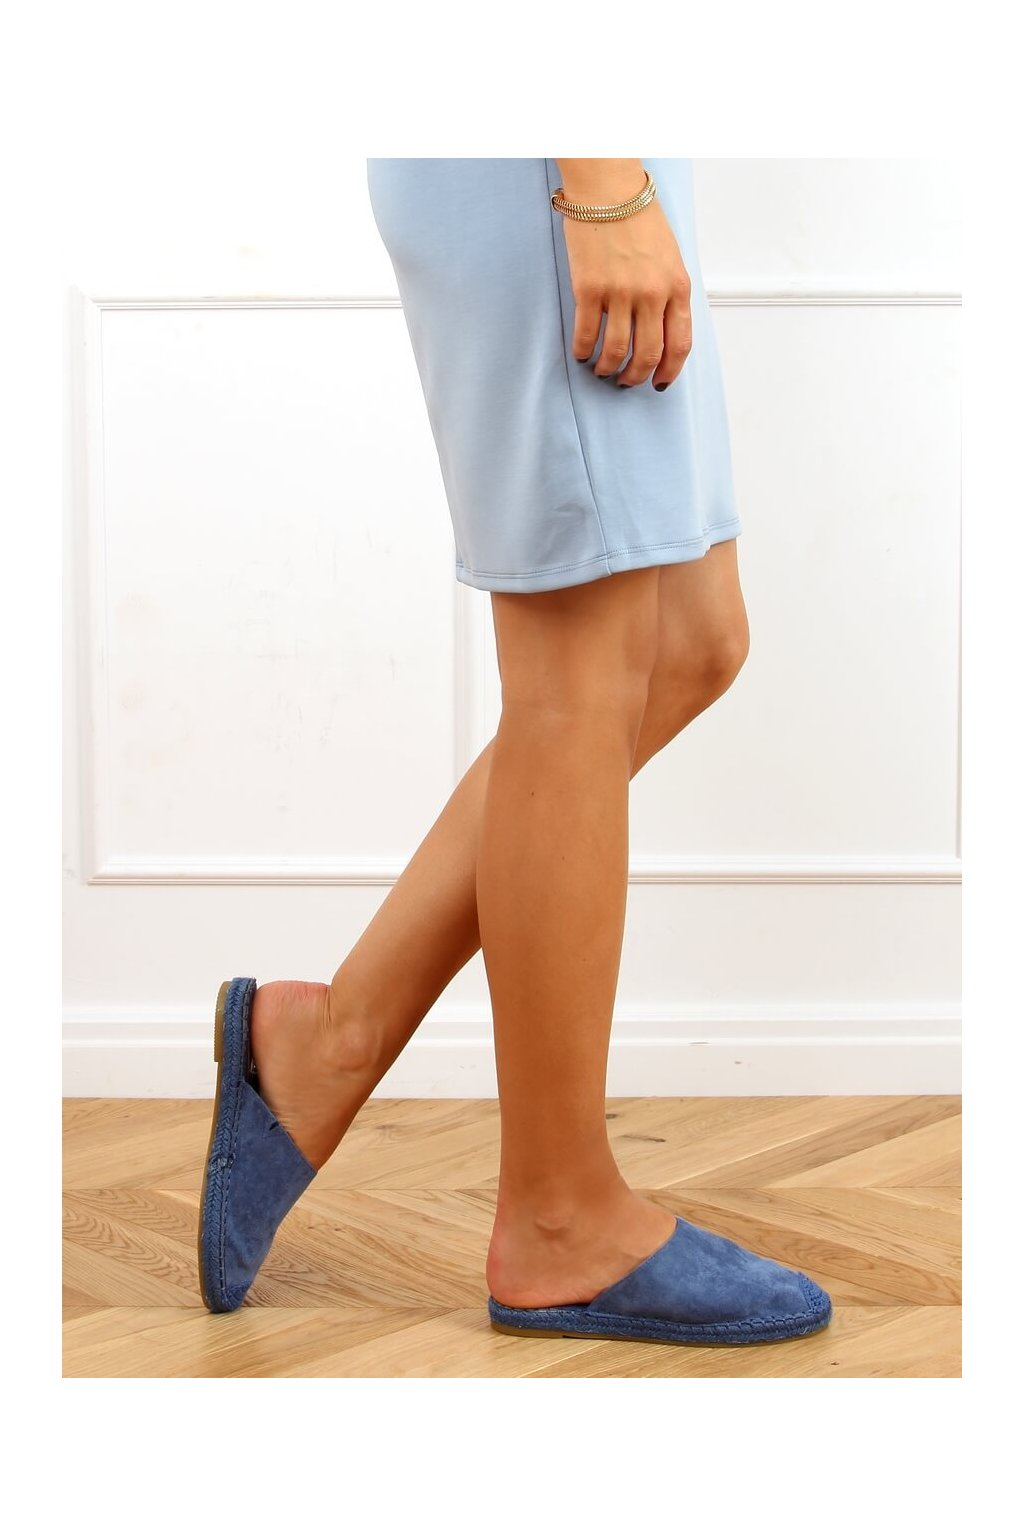 Dámske sandále s plochou podrážkou modré na plochom podpätku 3899